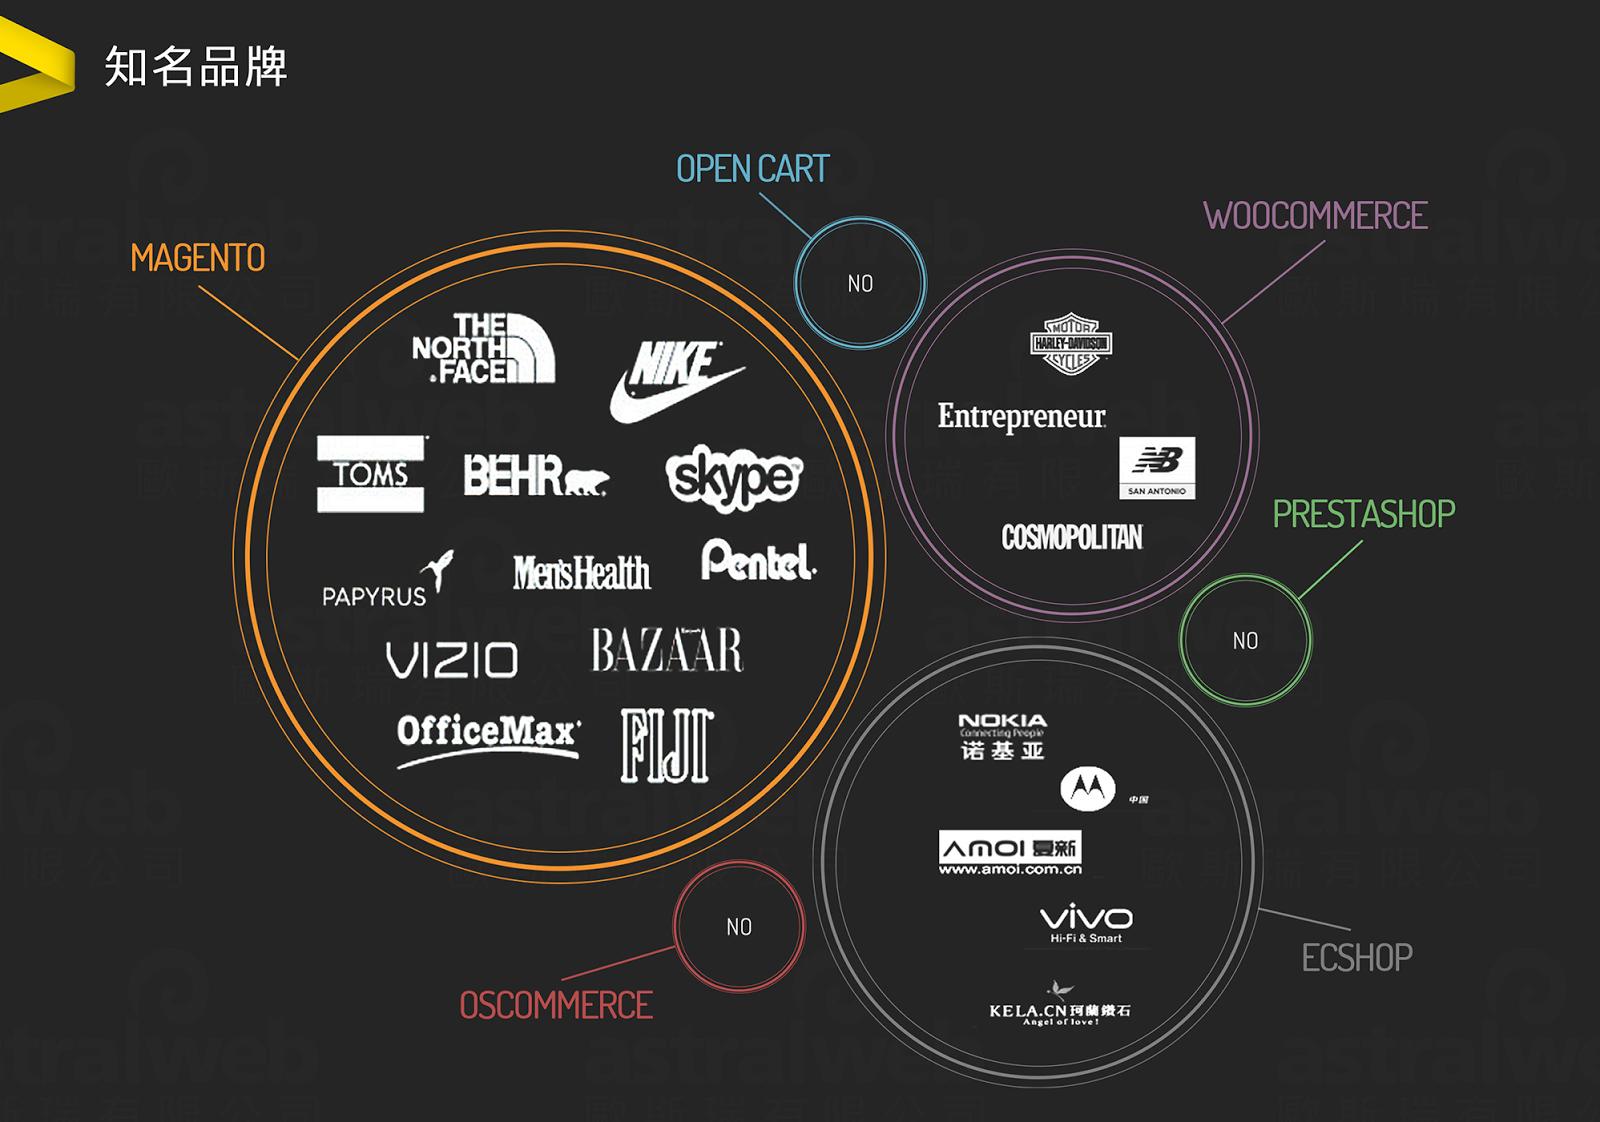 知名品牌愛用的電商平台